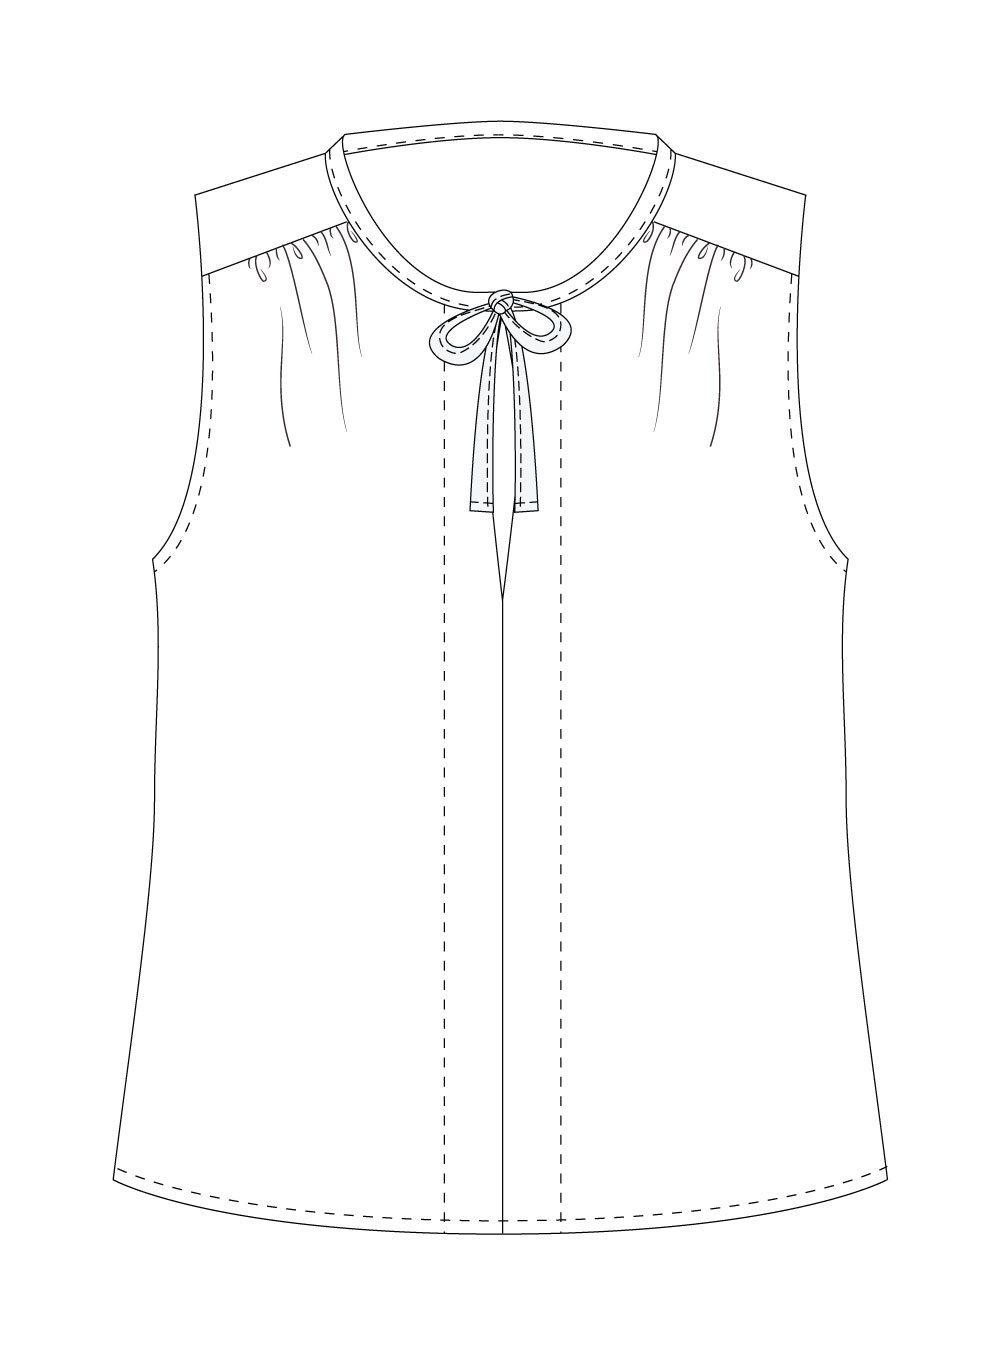 Vienna tank digital sewing pattern pdf itch to stitch itch to stitch vienna tank pdf sewing pattern jeuxipadfo Gallery